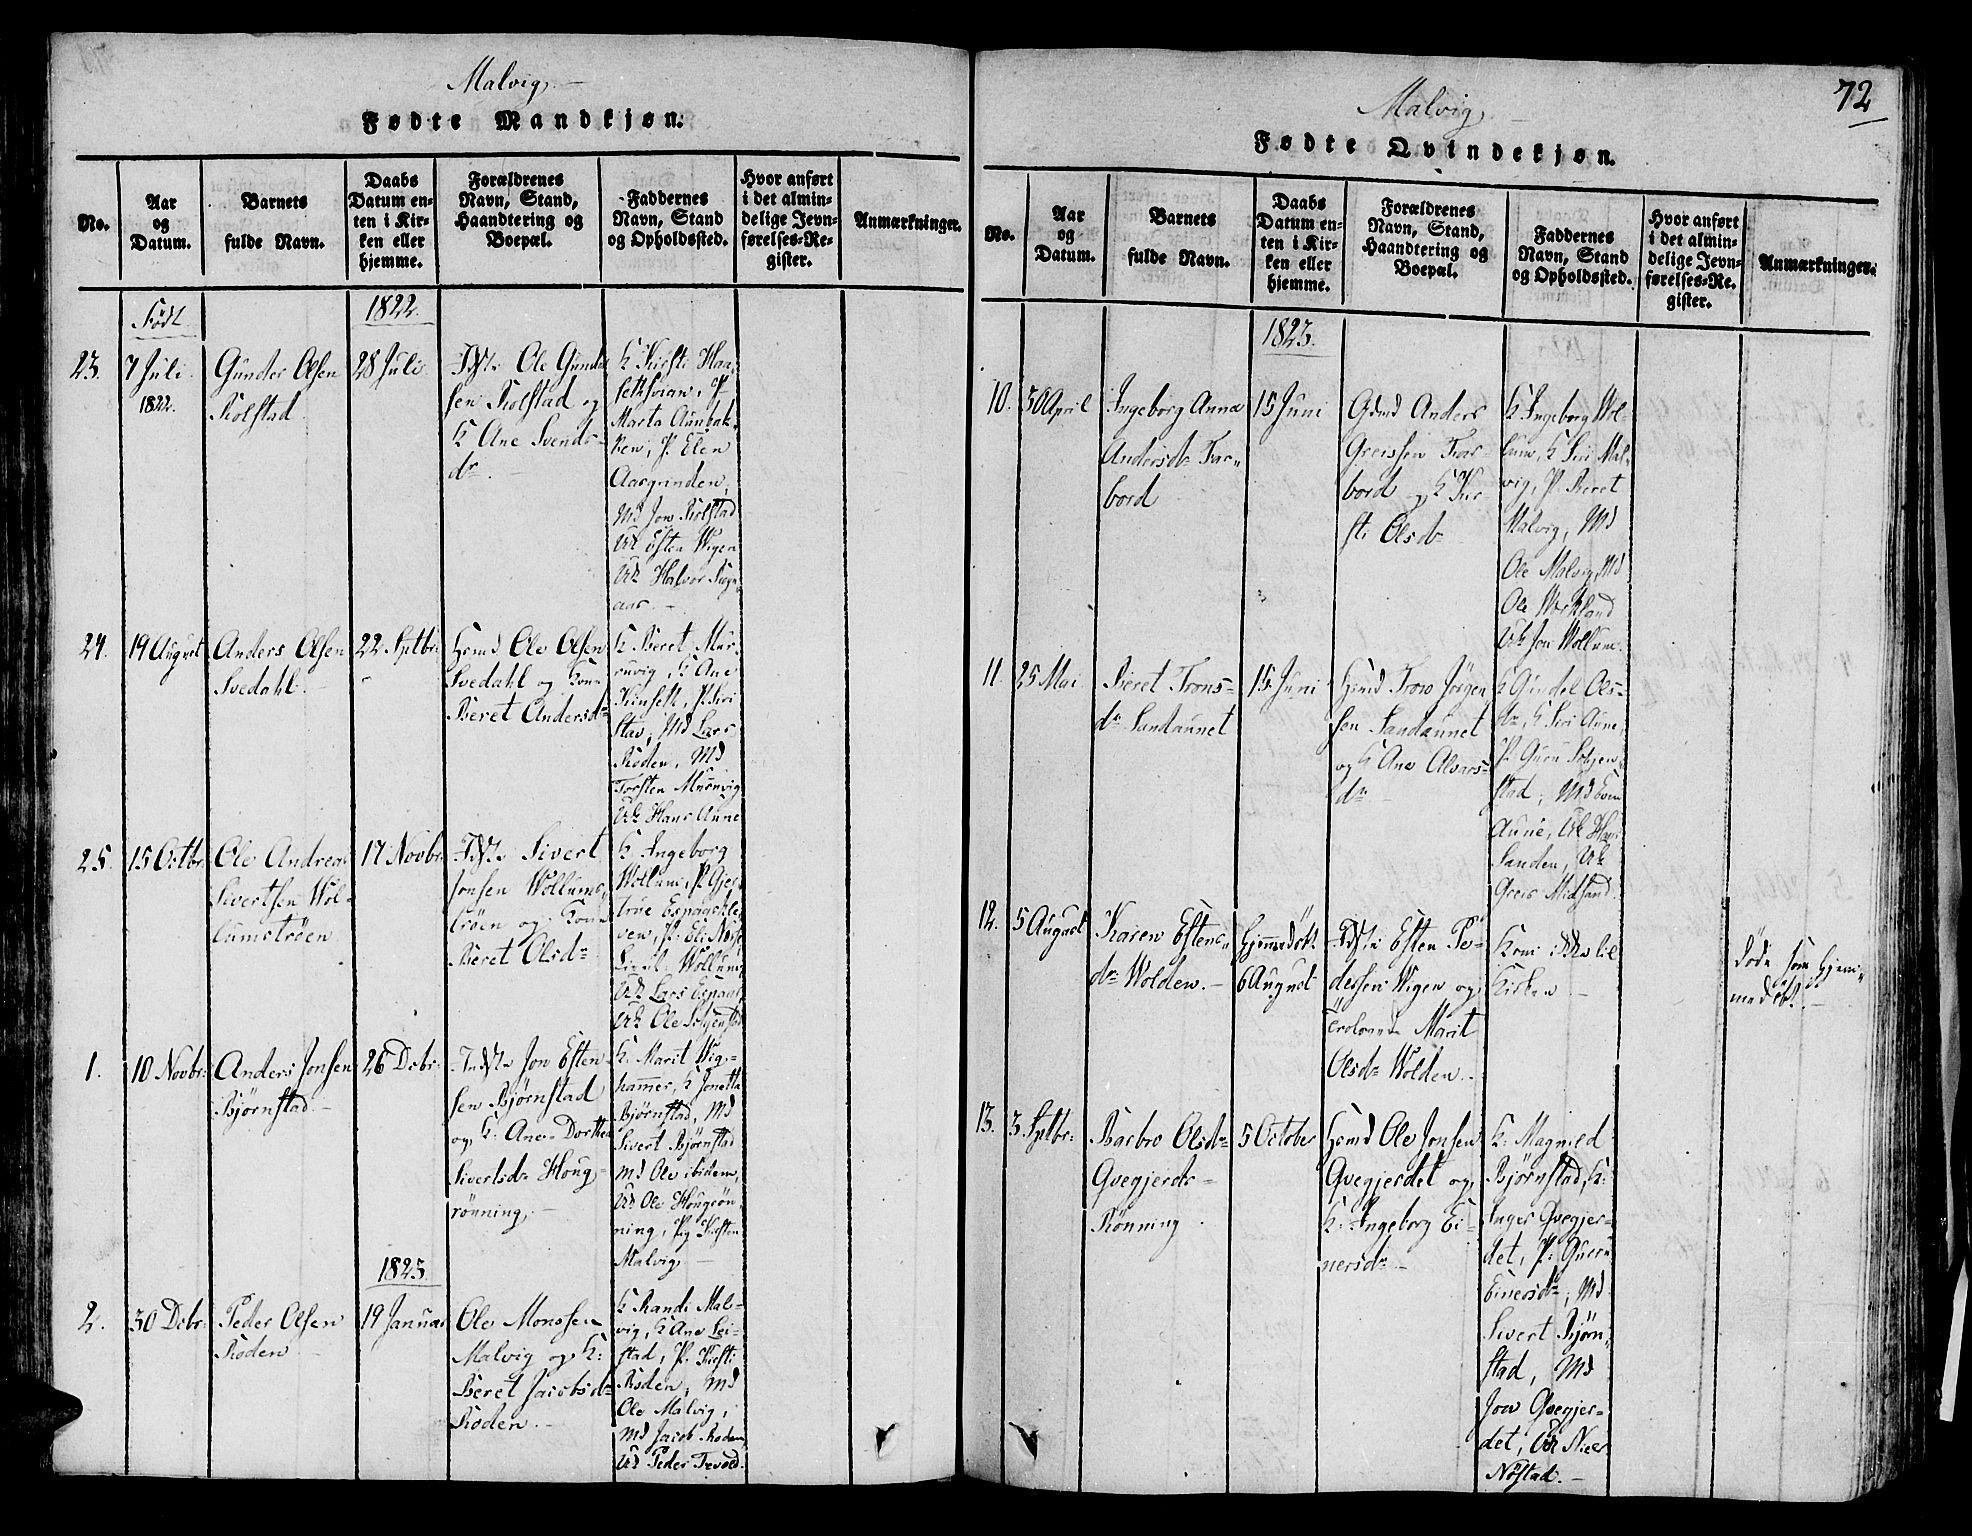 SAT, Ministerialprotokoller, klokkerbøker og fødselsregistre - Sør-Trøndelag, 606/L0284: Ministerialbok nr. 606A03 /2, 1819-1823, s. 72